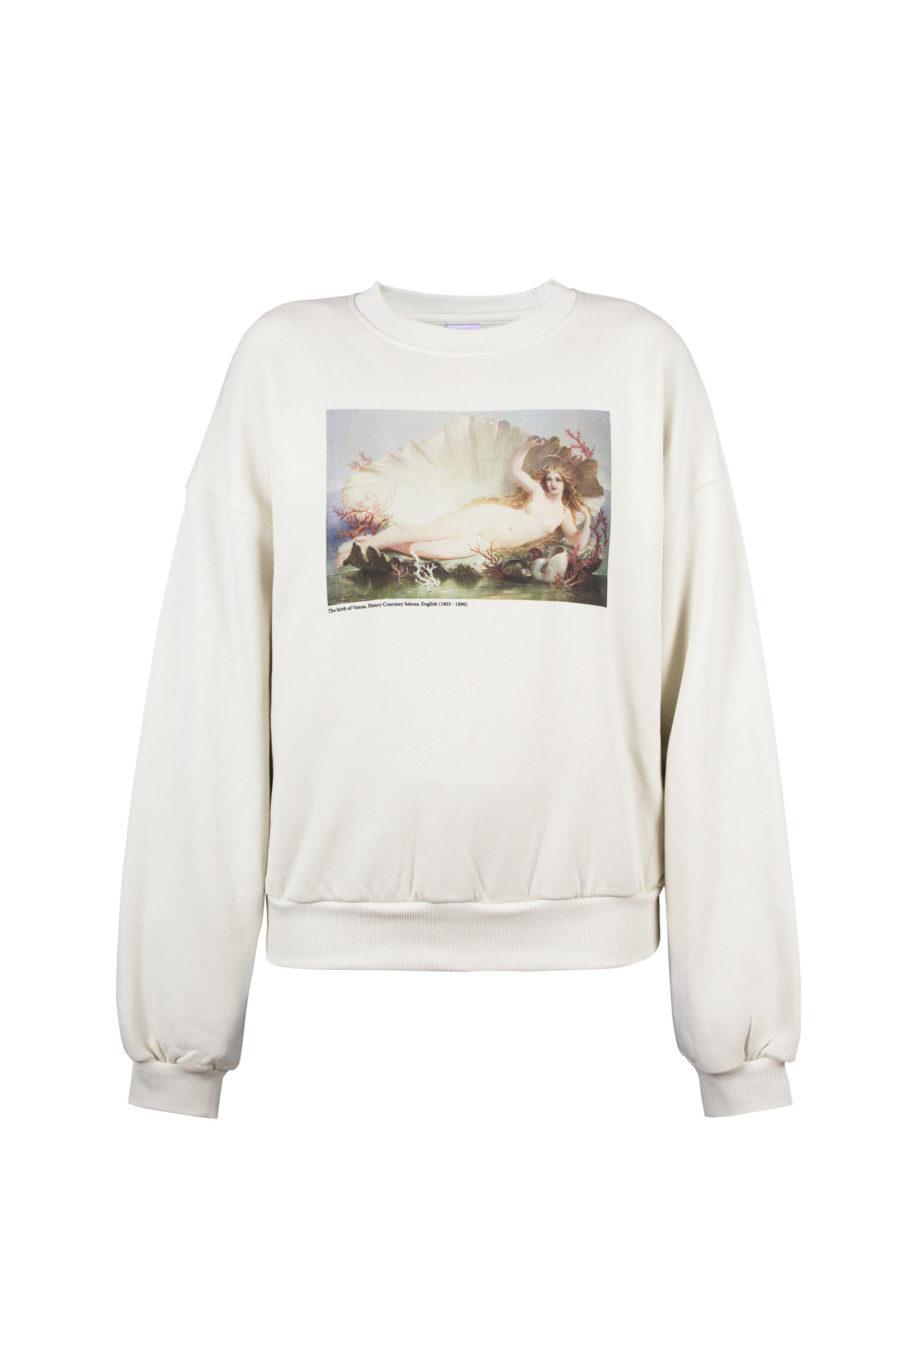 T.I.T.S. - Venus Sweater